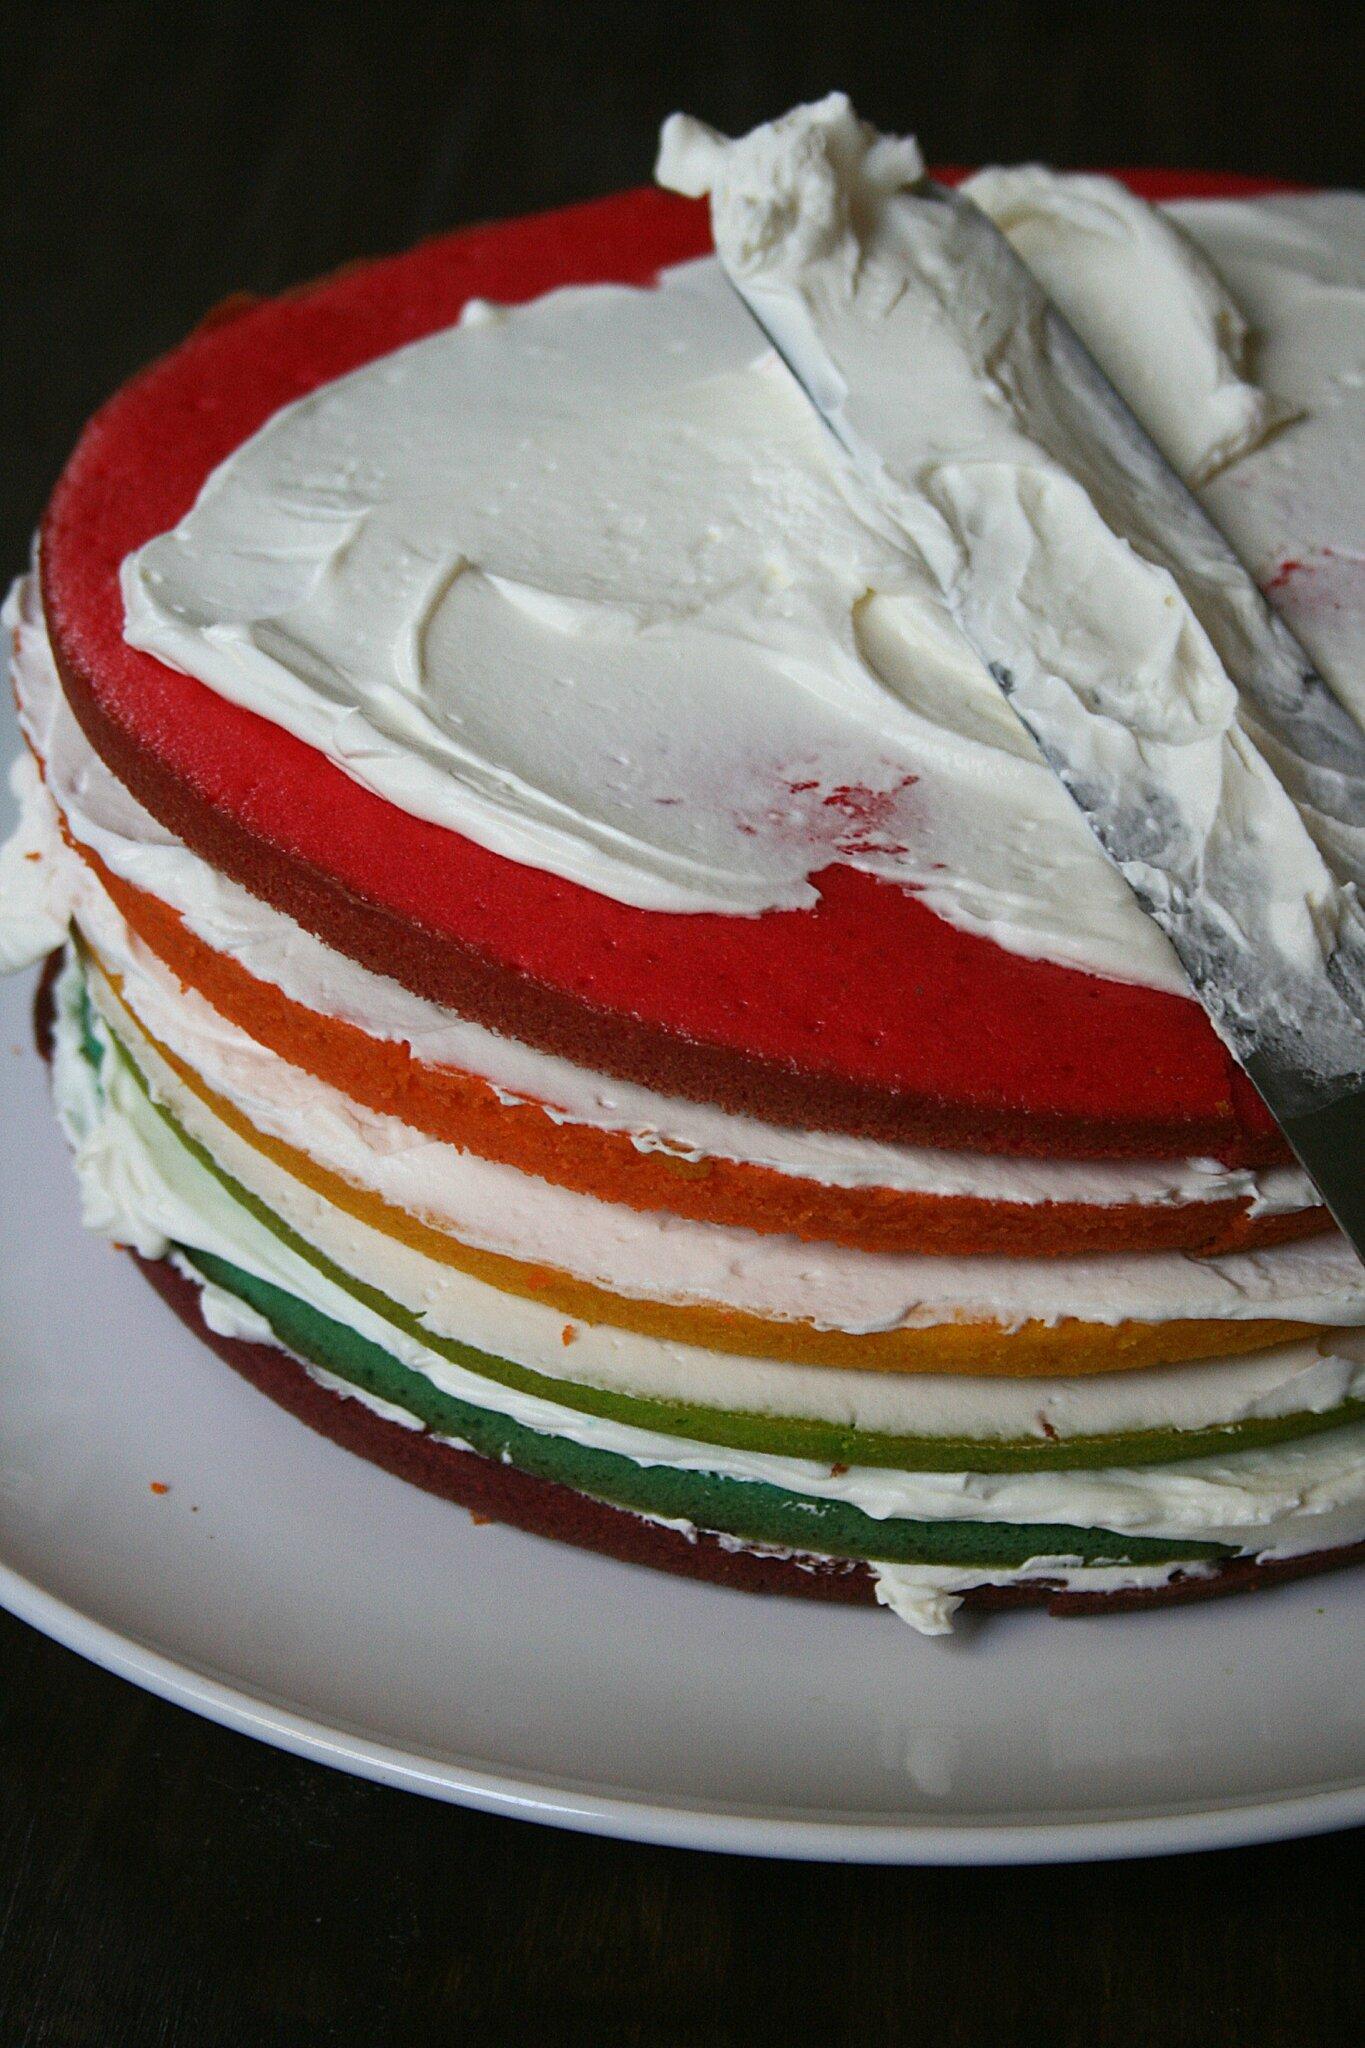 Recette De Garniture Cake Design : Rainbow cake : gateau arc-en-ciel avec astuces et conseils ...